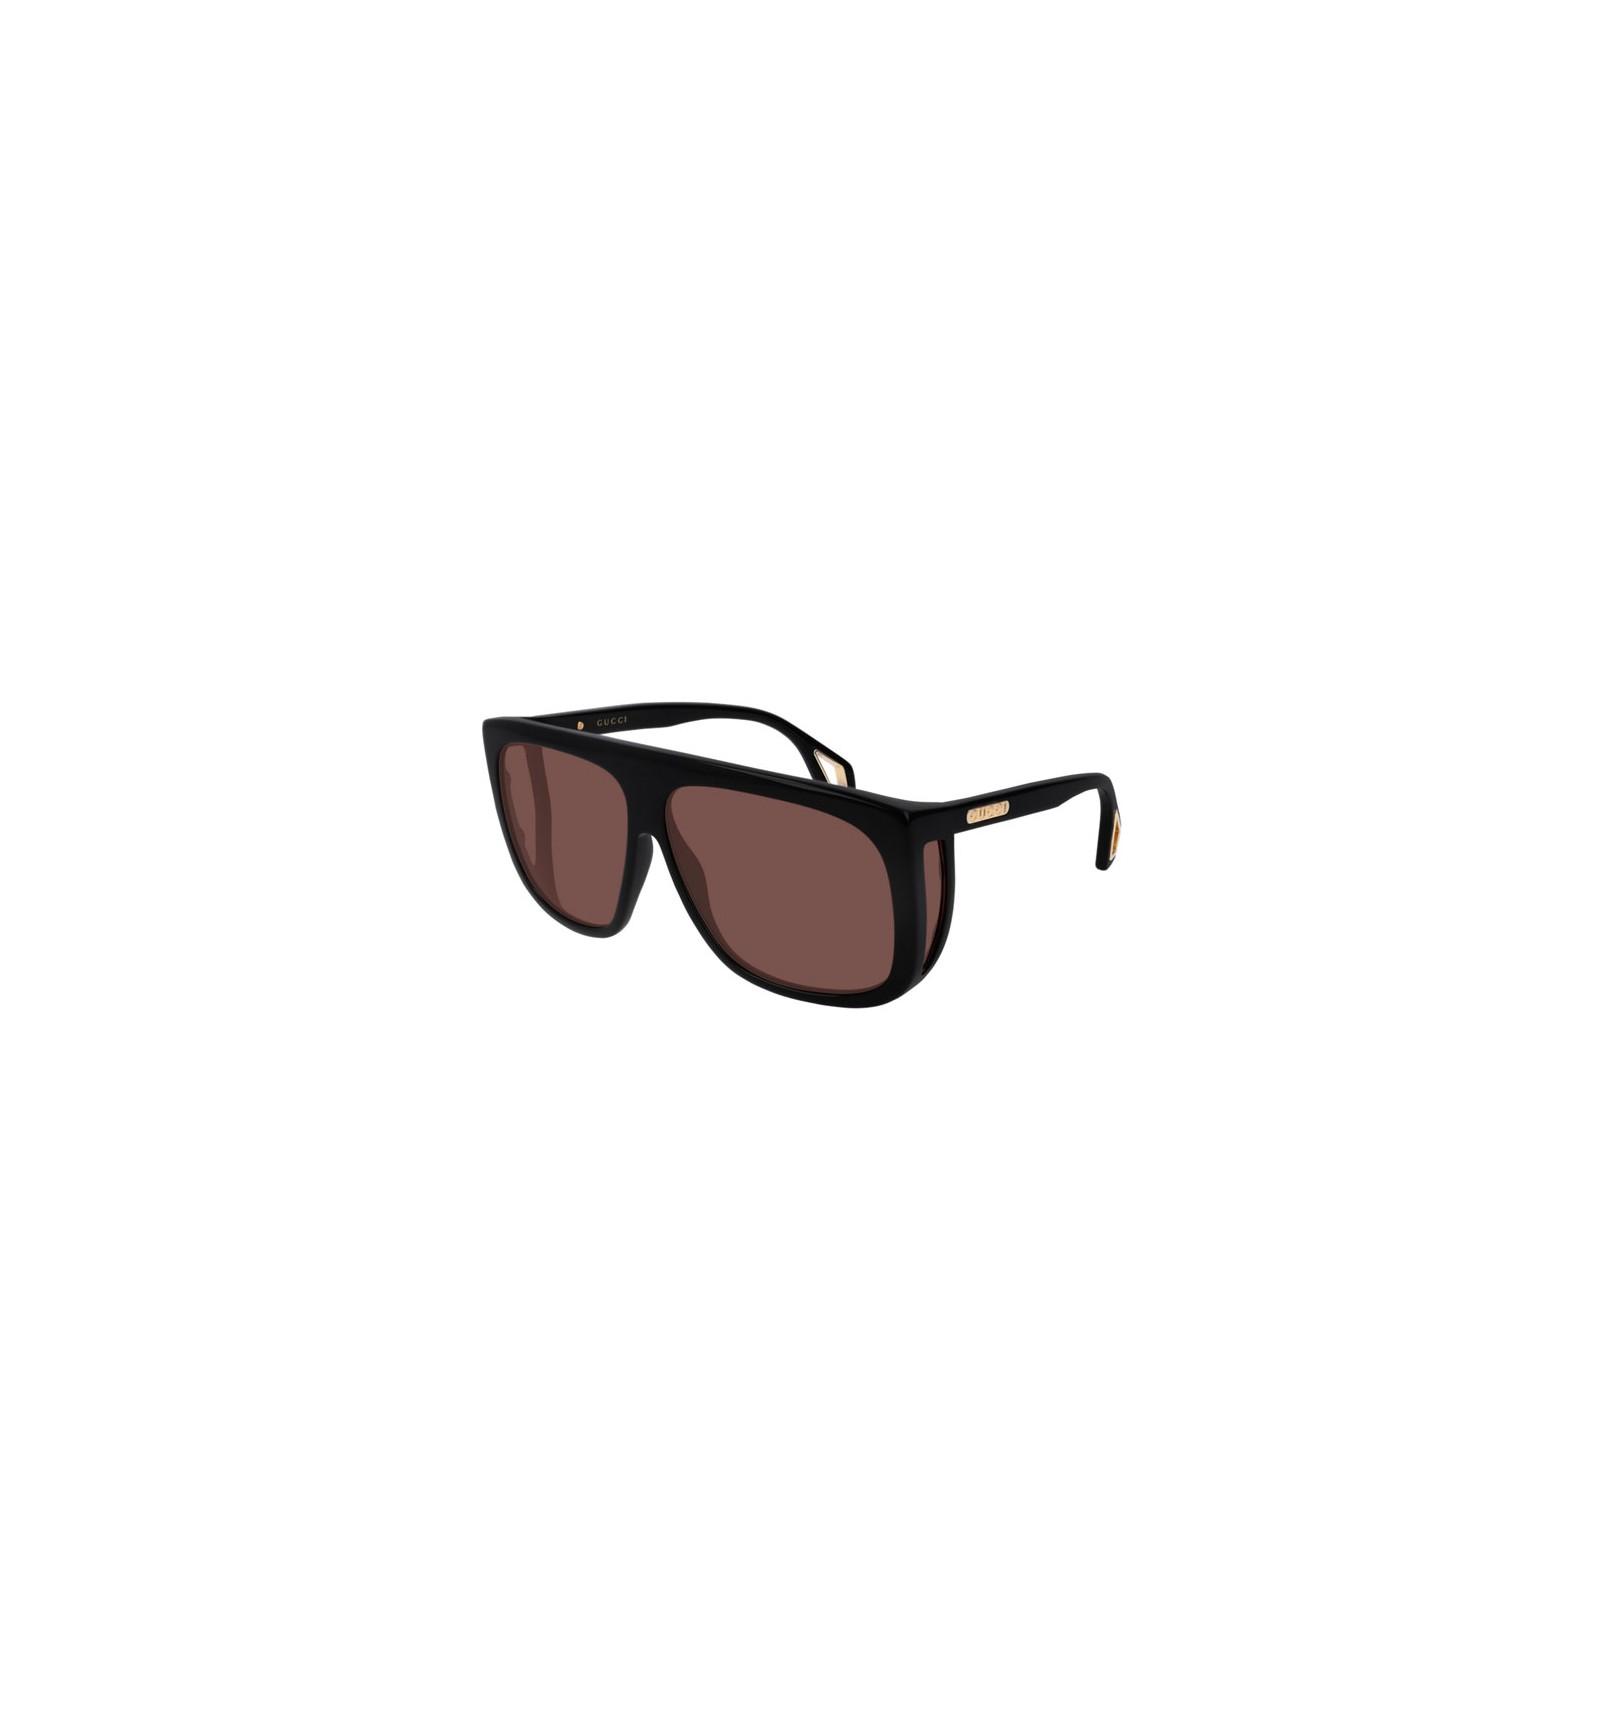 3f4e254c1 Nuevo 2019 Nuevo Gafas de Sol GUCCI GG0467S Black - Red (002)